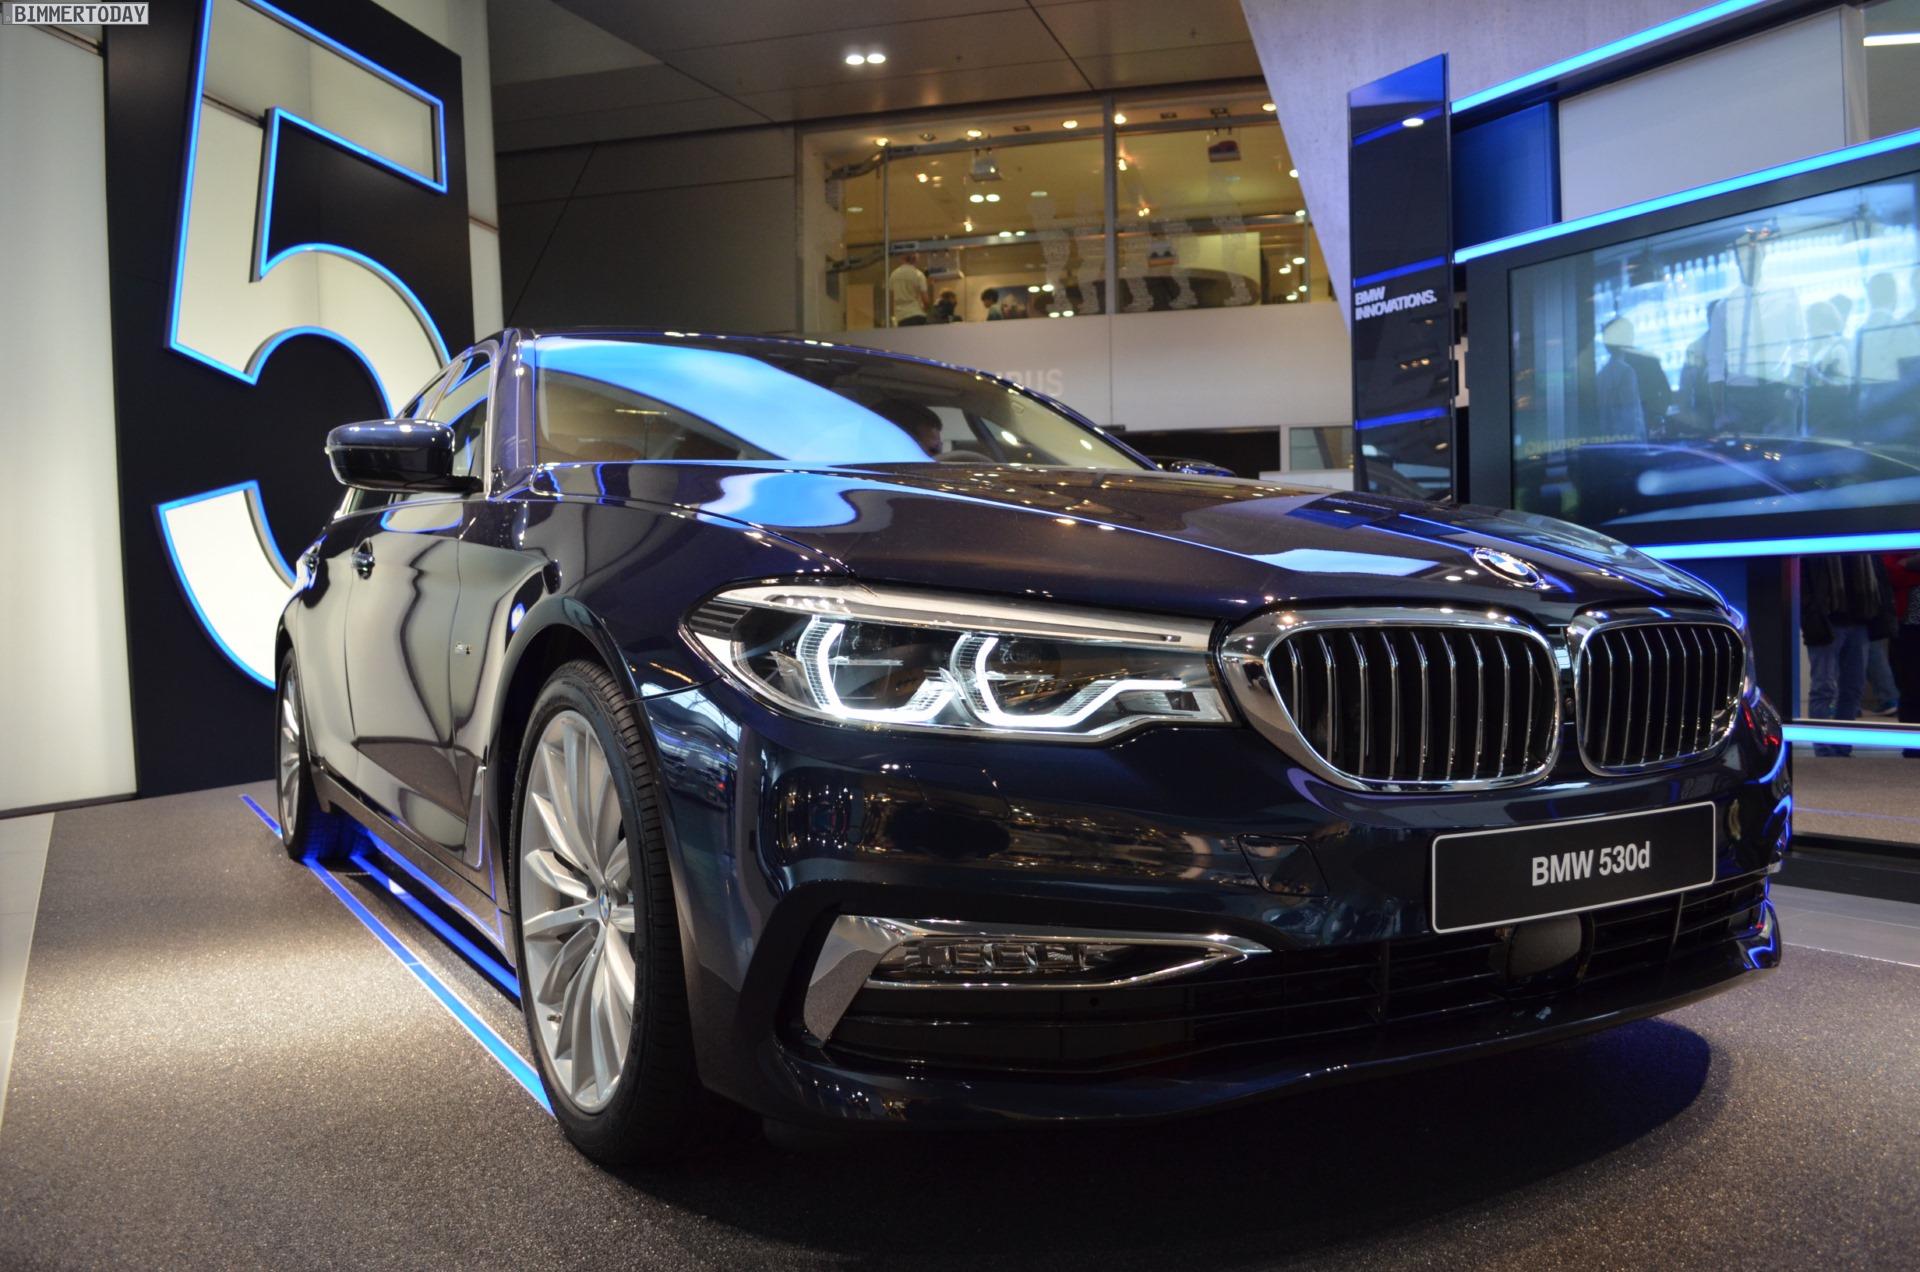 Bmw 5er G30 Imperialblau Trifft Luxury Line In Der Bmw Welt